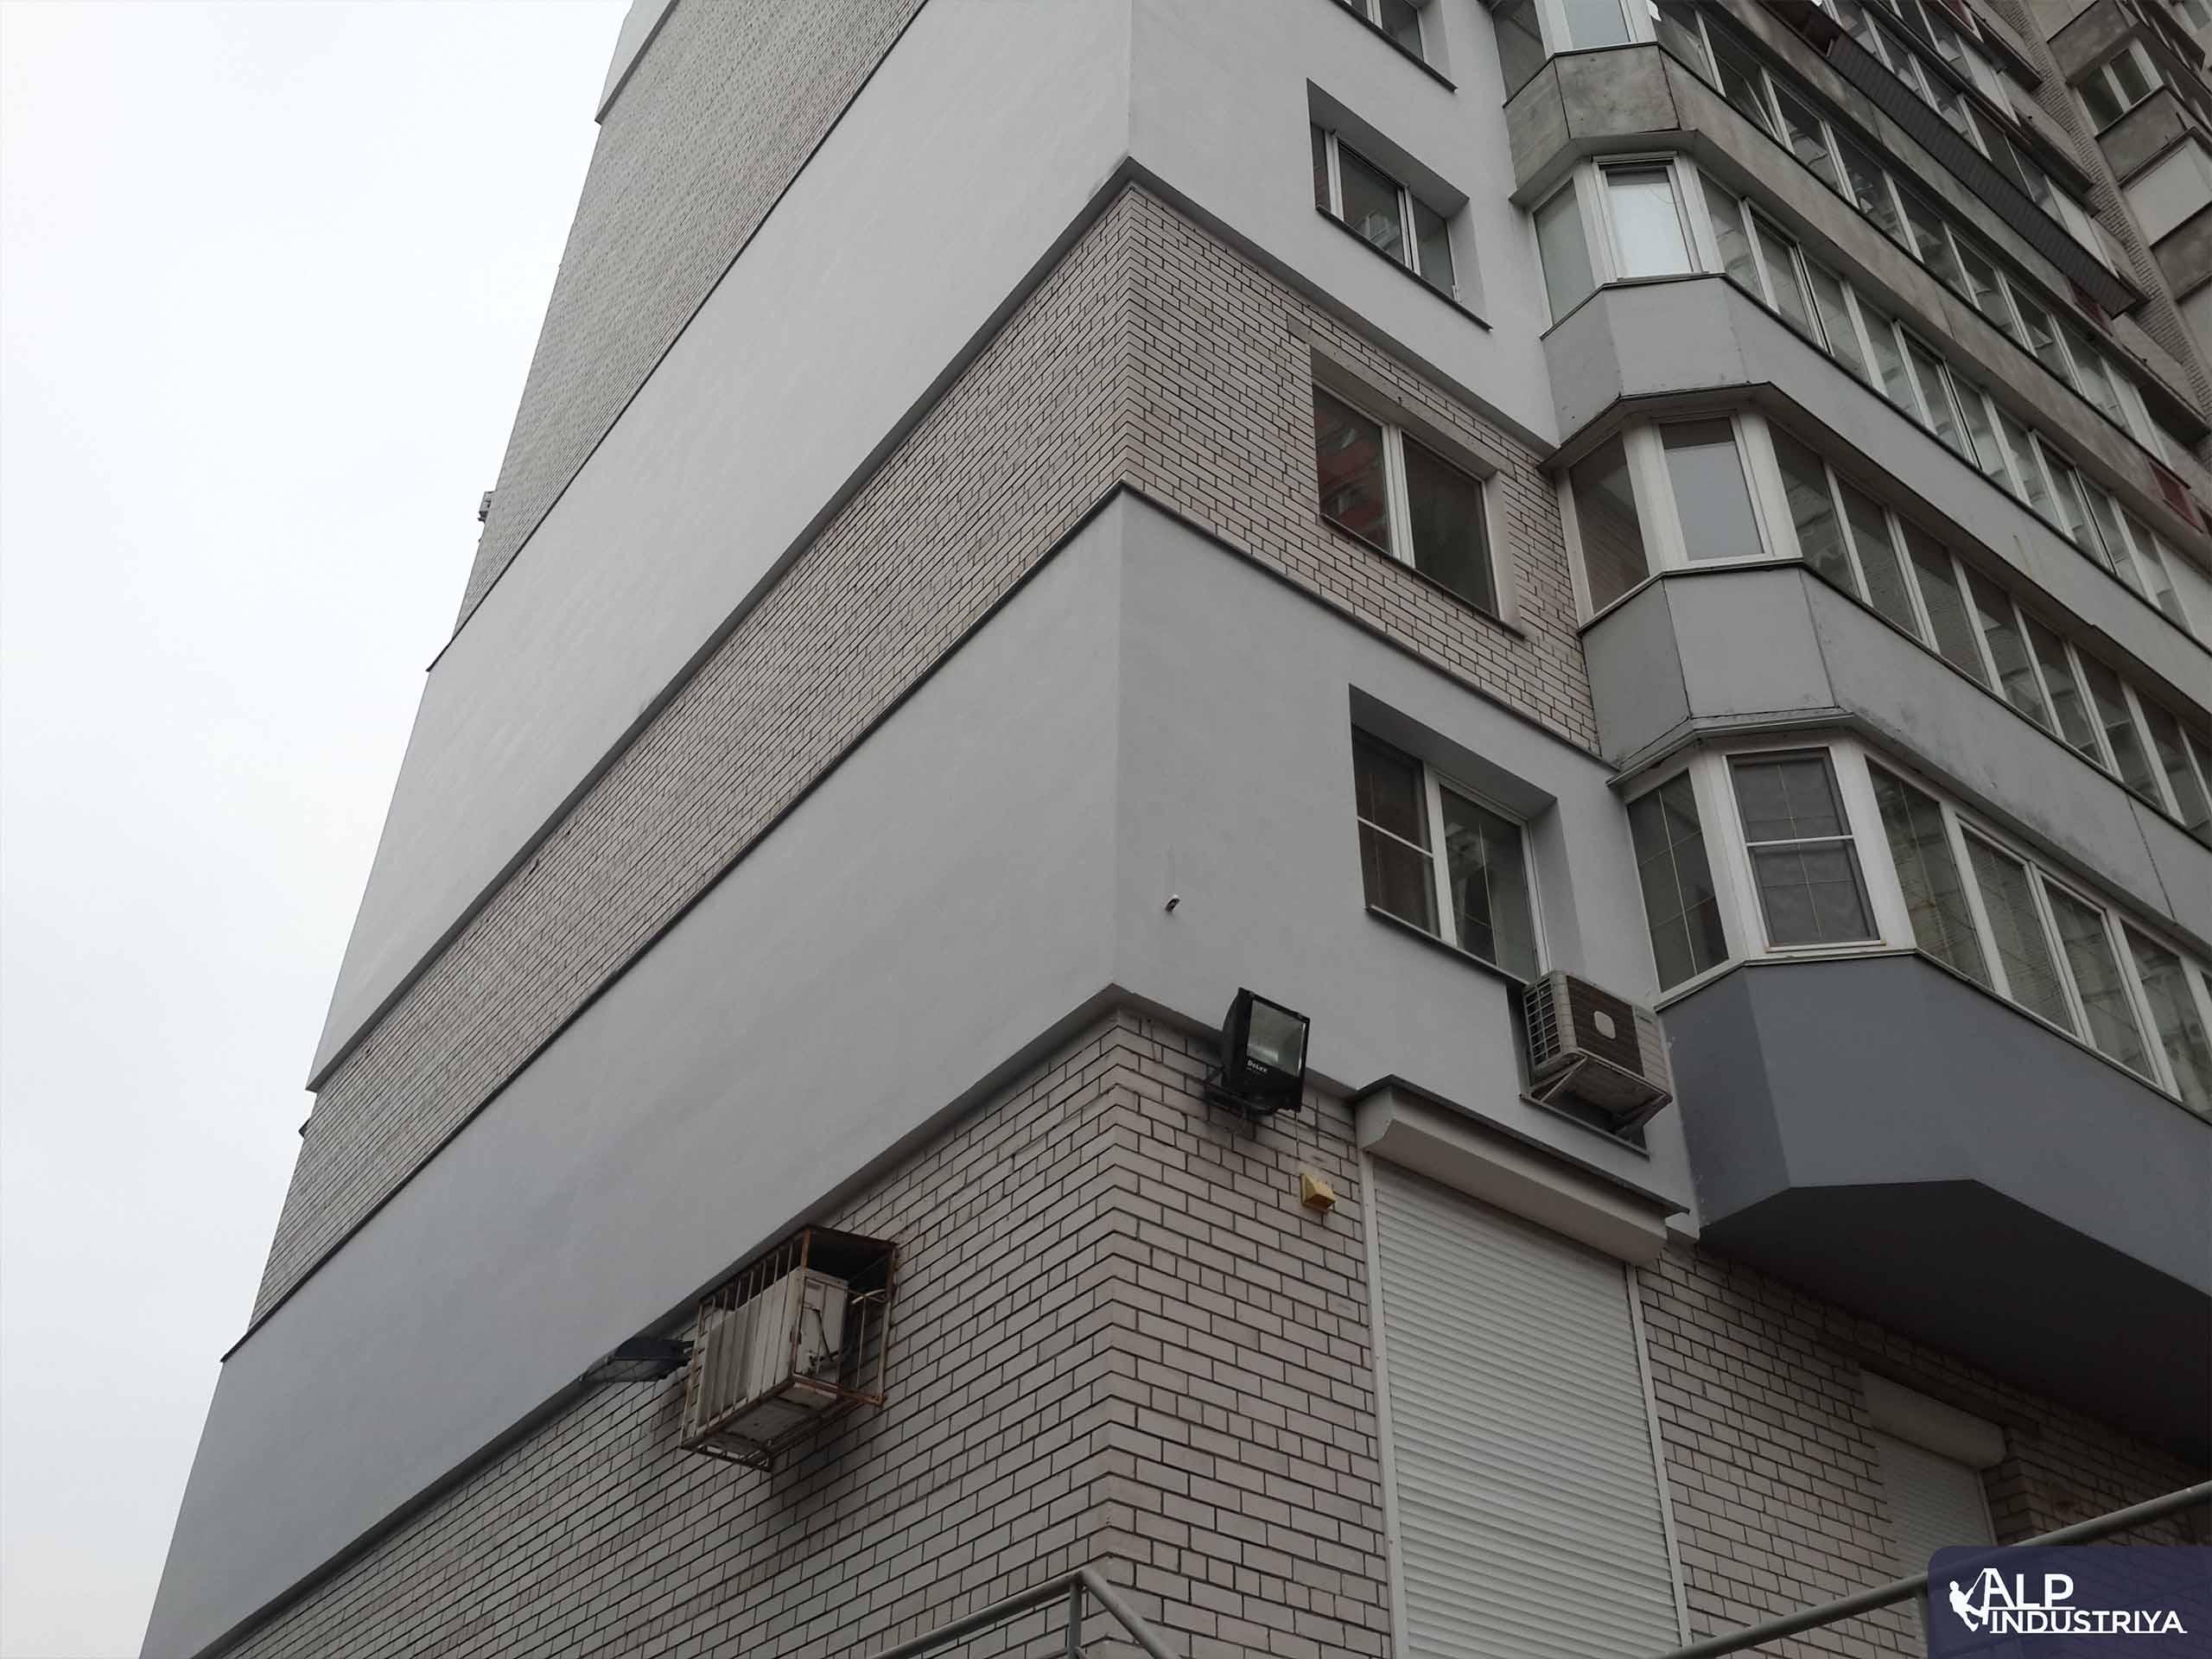 Выполненная работа по монтажу утеплителя, шпаклевке и покраске стен жилья-2